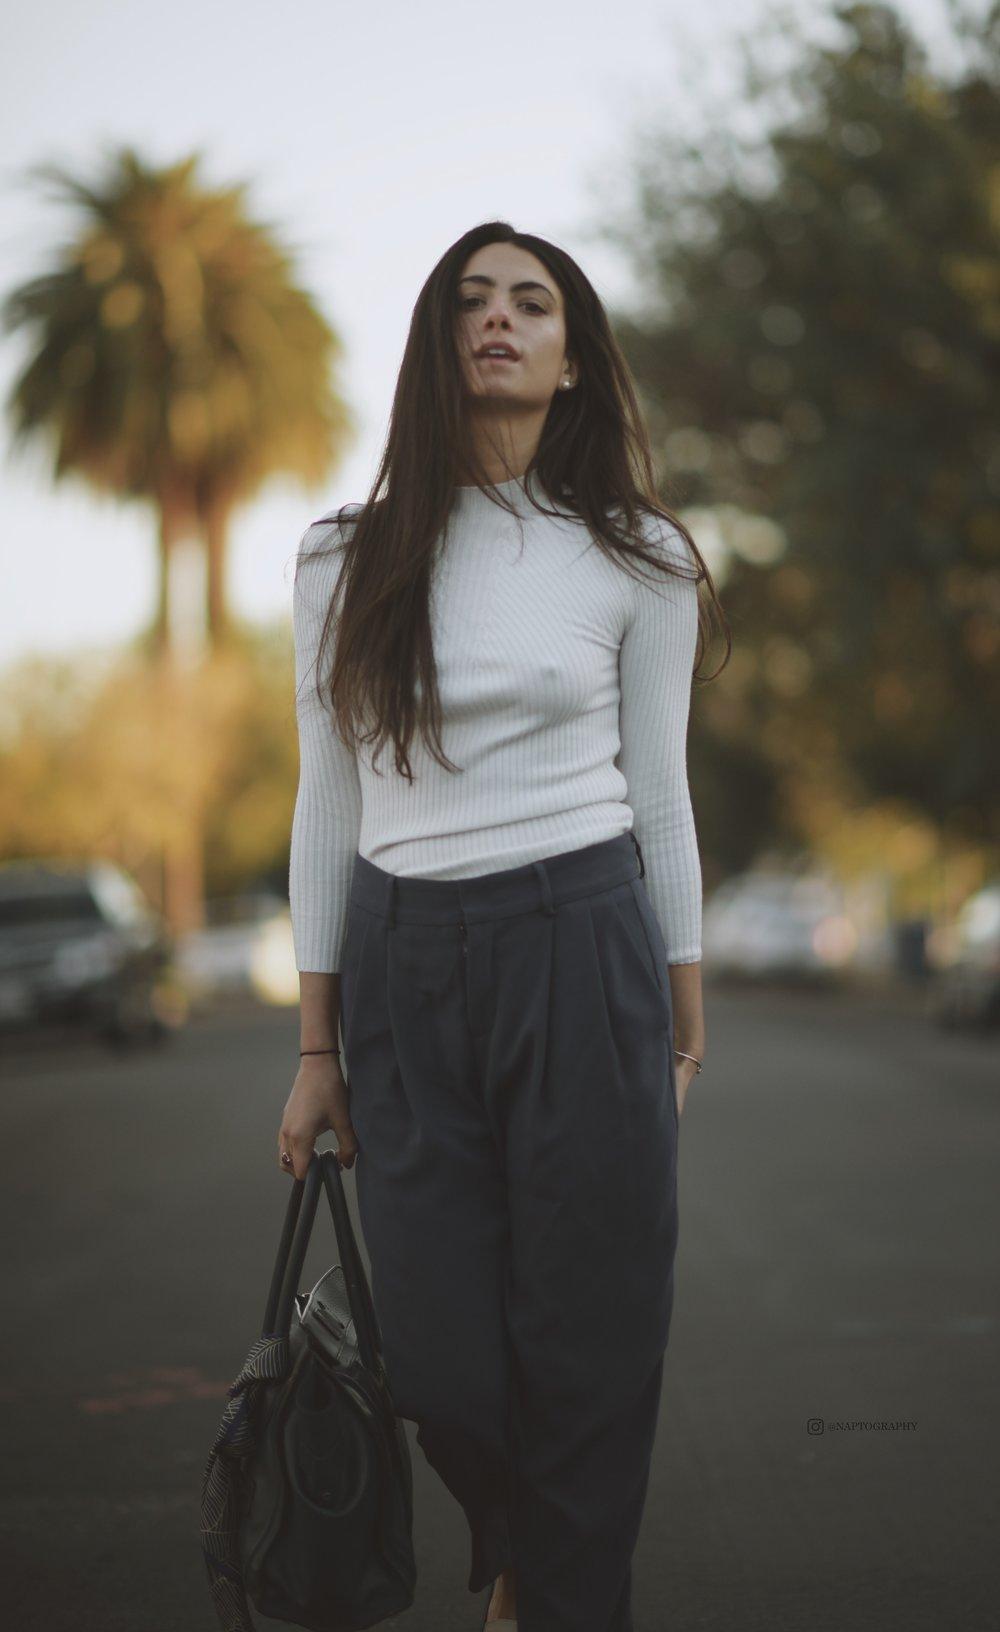 Amy Marietta. West Hollywood. 2017.